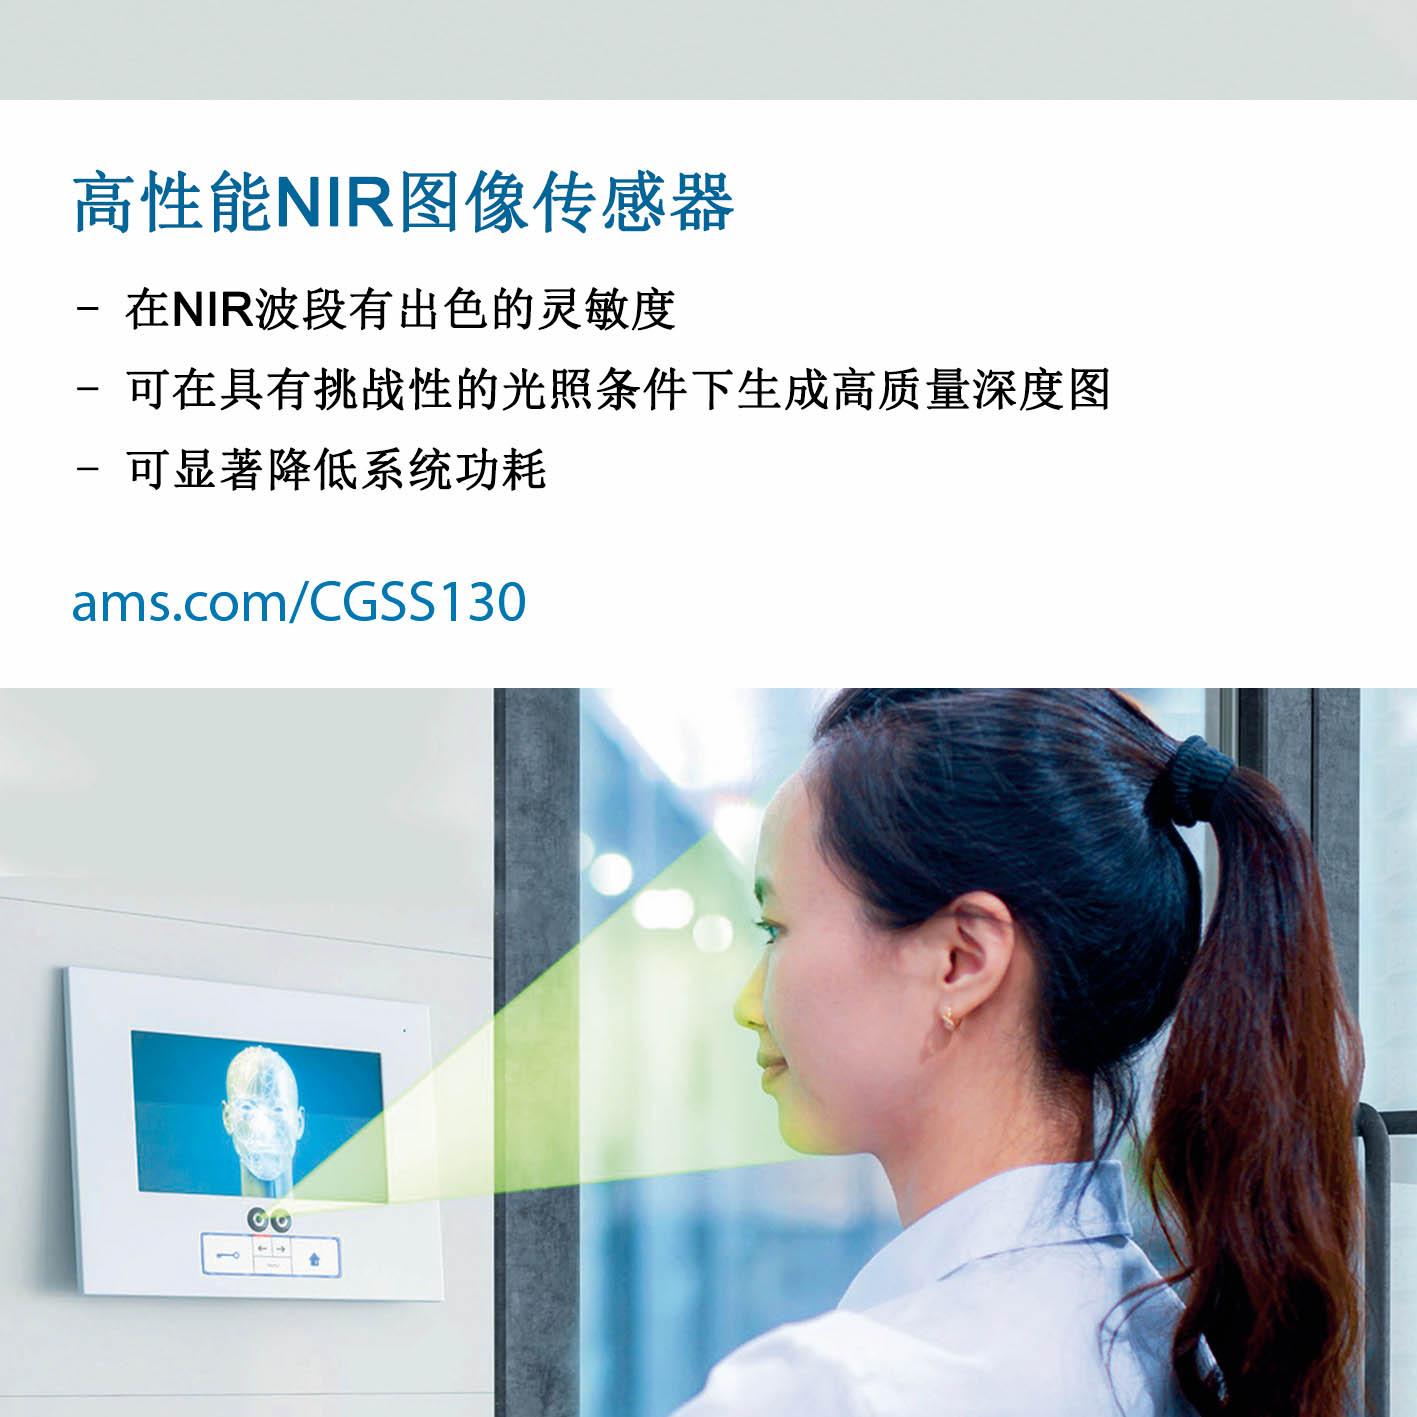 艾迈斯半导体推出超高灵敏度NIR图像传感器,有望大幅降低移动电子设备中3D光学传感系统的功耗